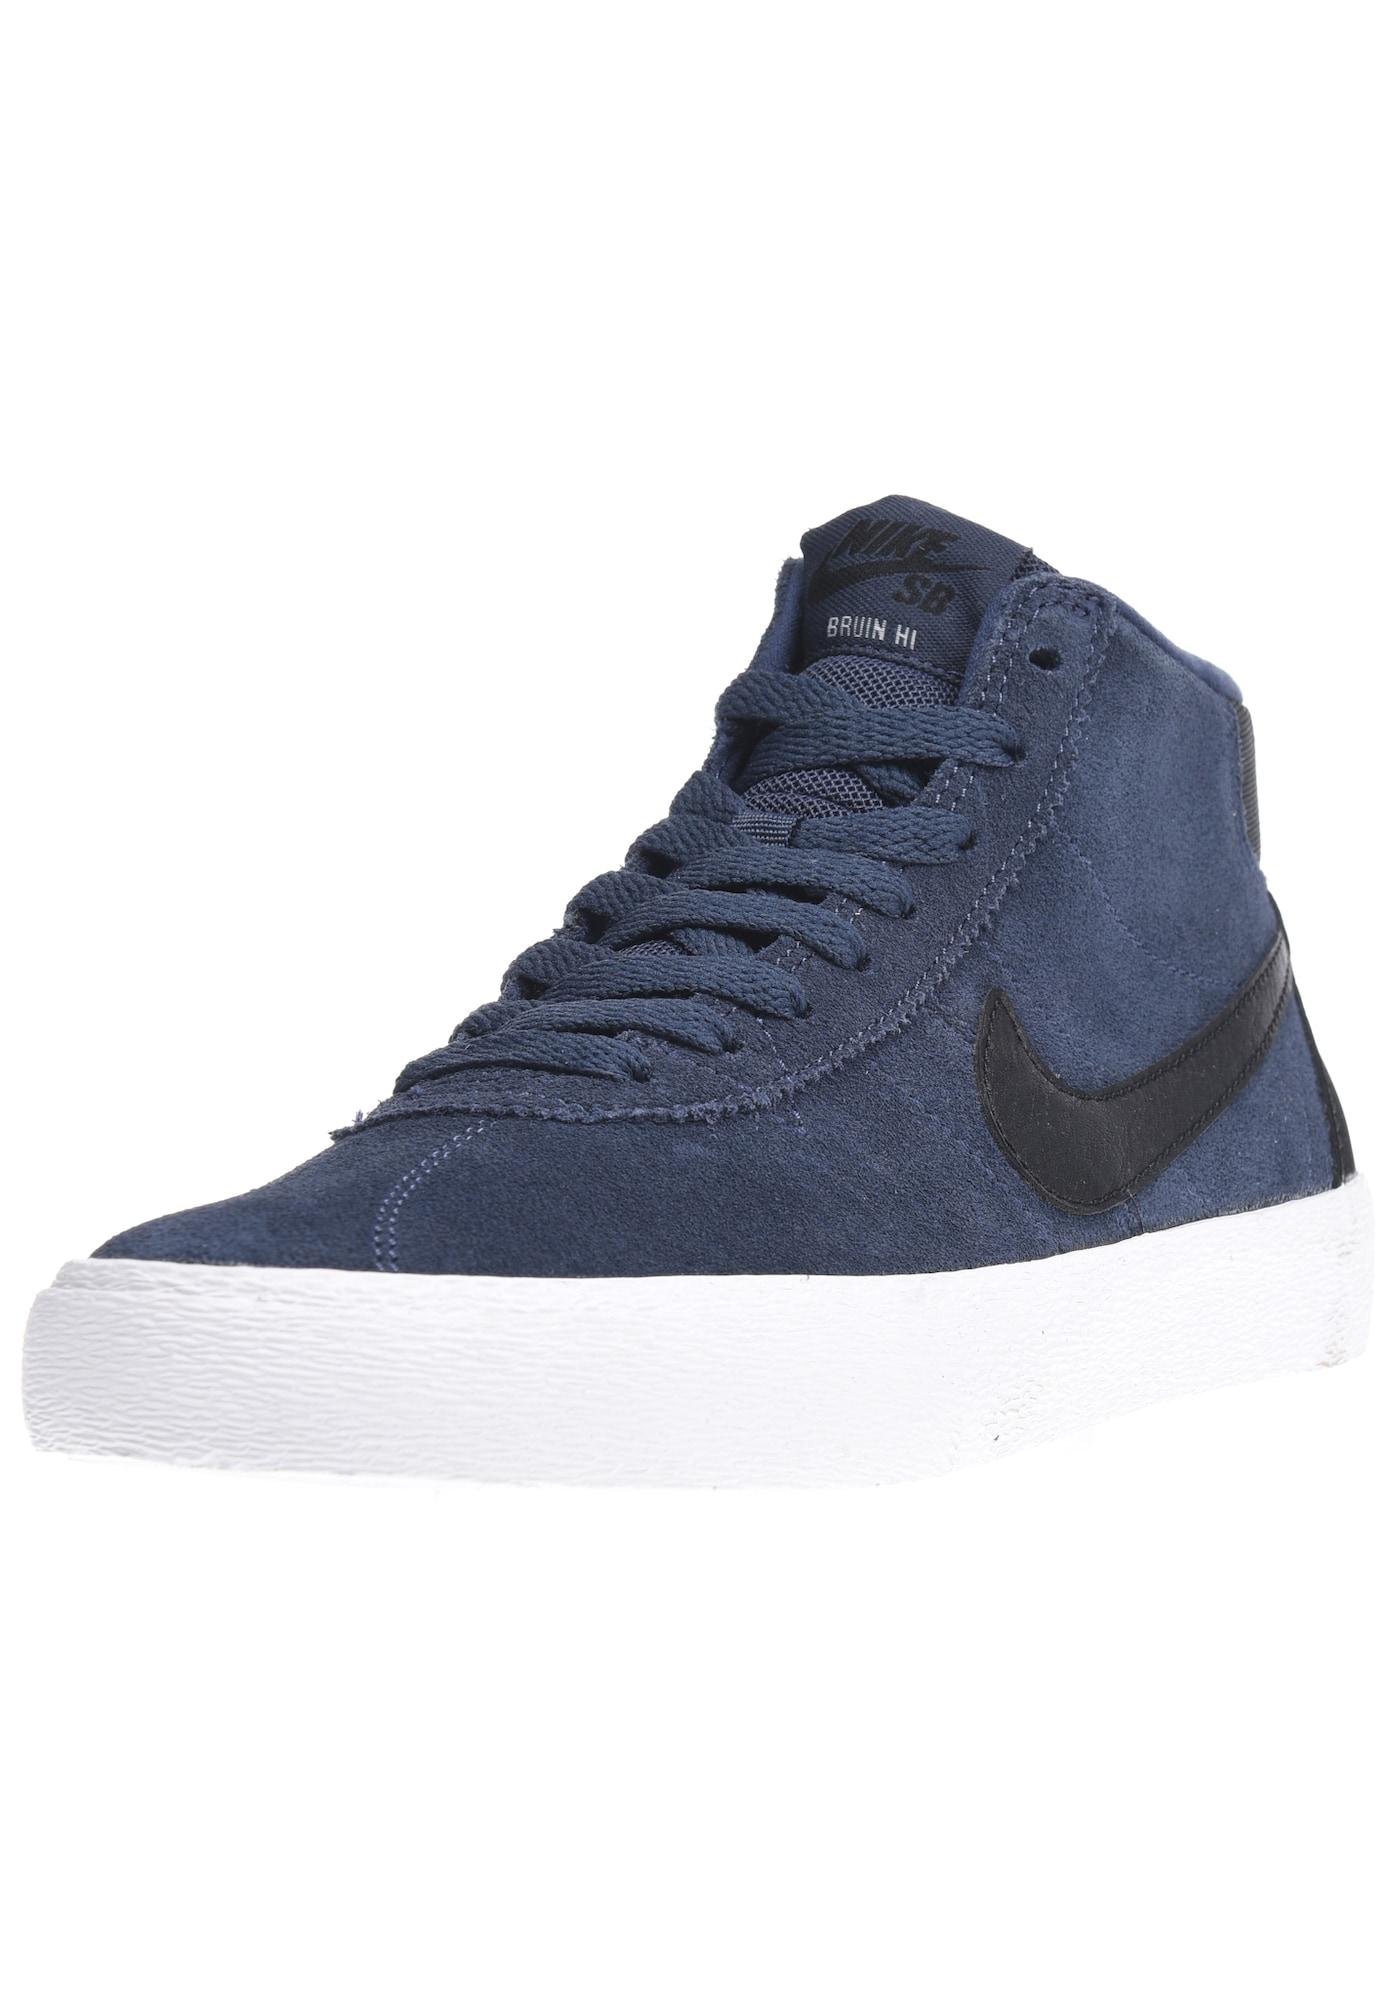 Nike SB, Damen Sneakers hoog Bruin Hi, nachtblauw / zwart